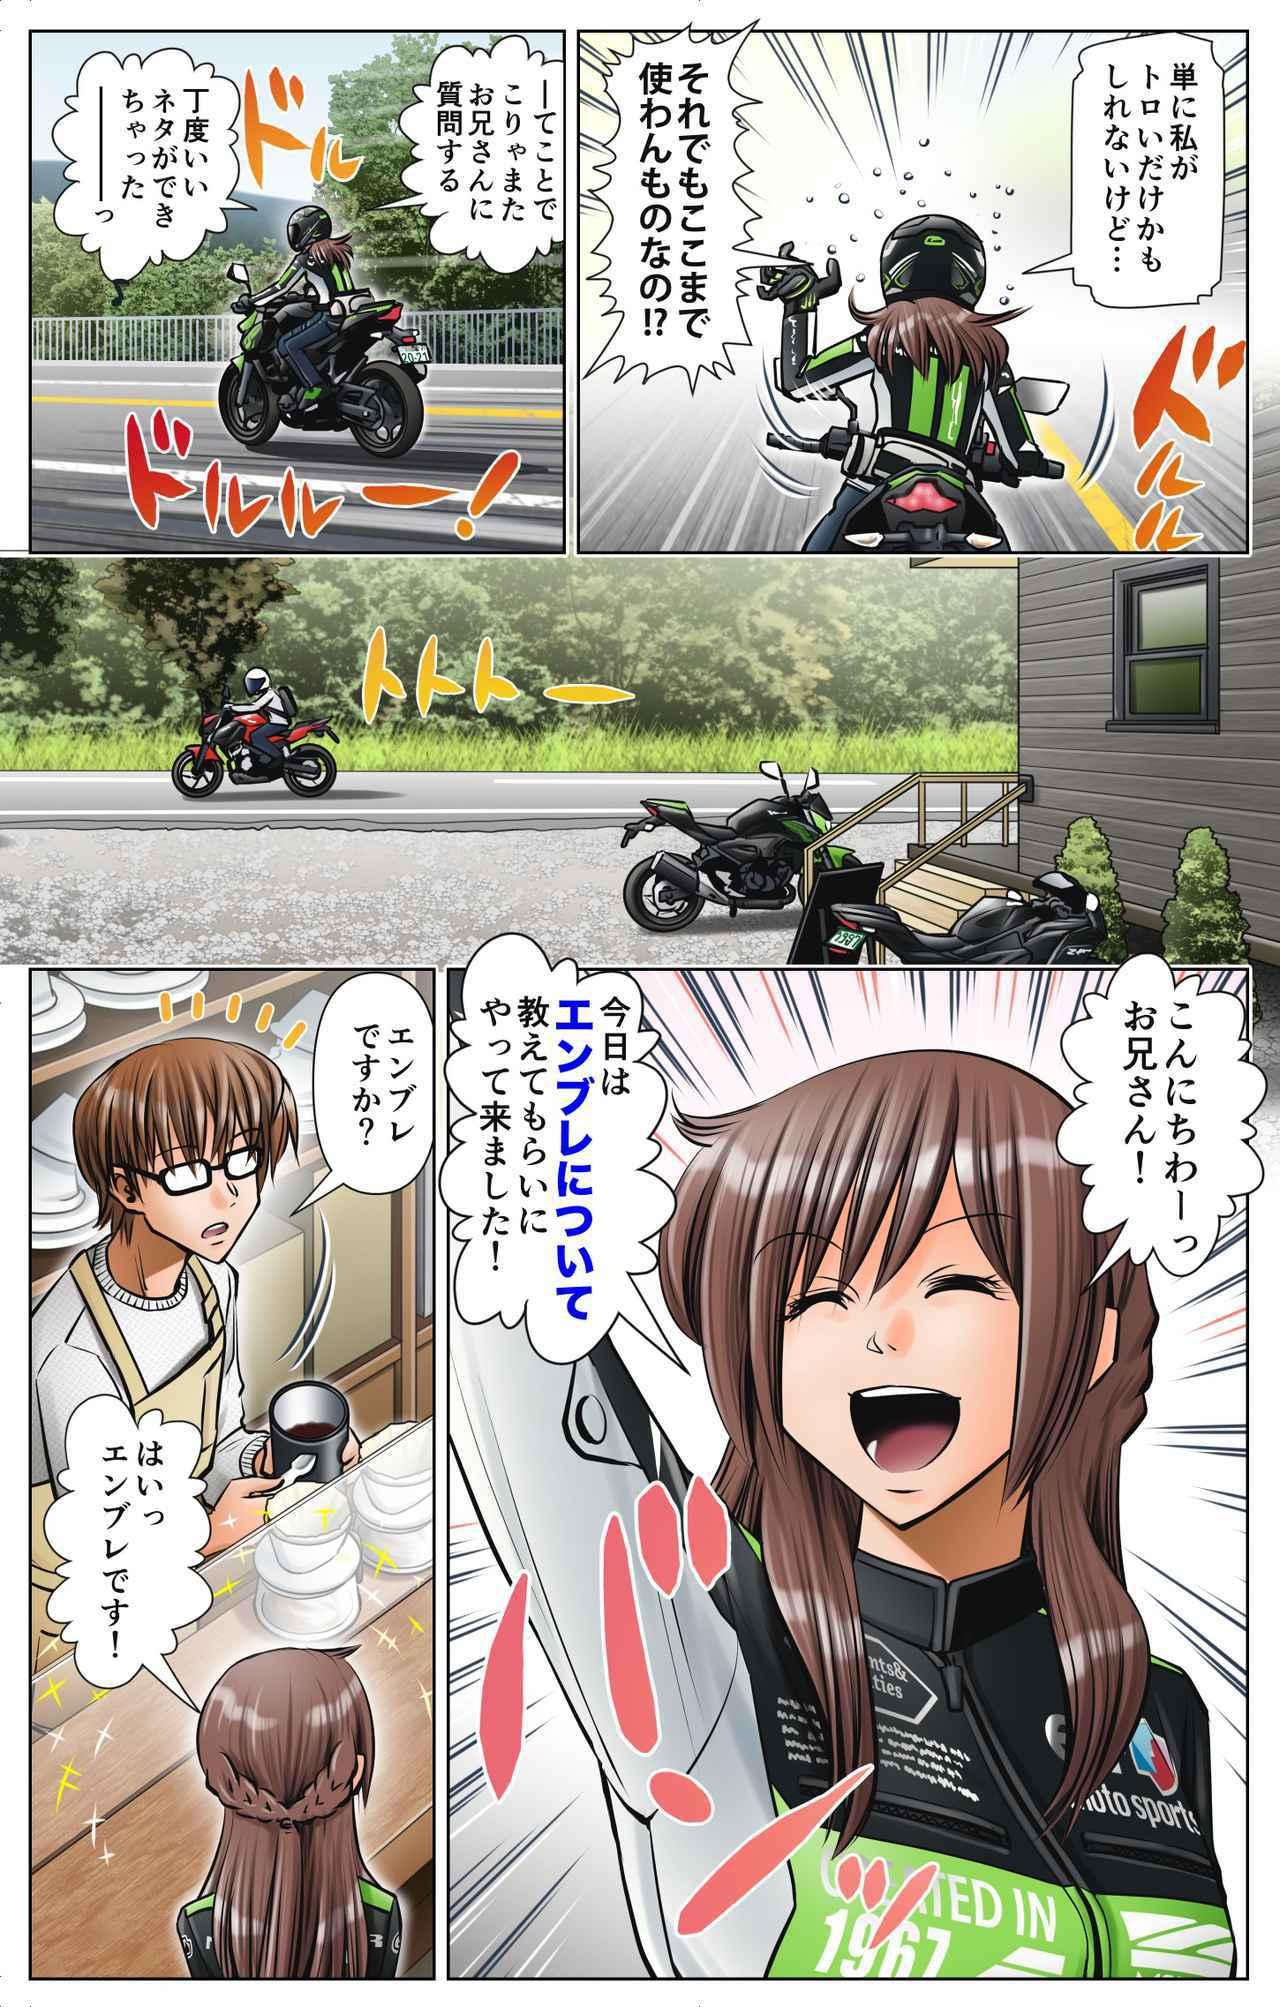 画像3: 第22話 エンジン・ブレーキとはなんぞや?/ゆる~くライテク談義『モトシーカーズ・カフェへようこそ!』